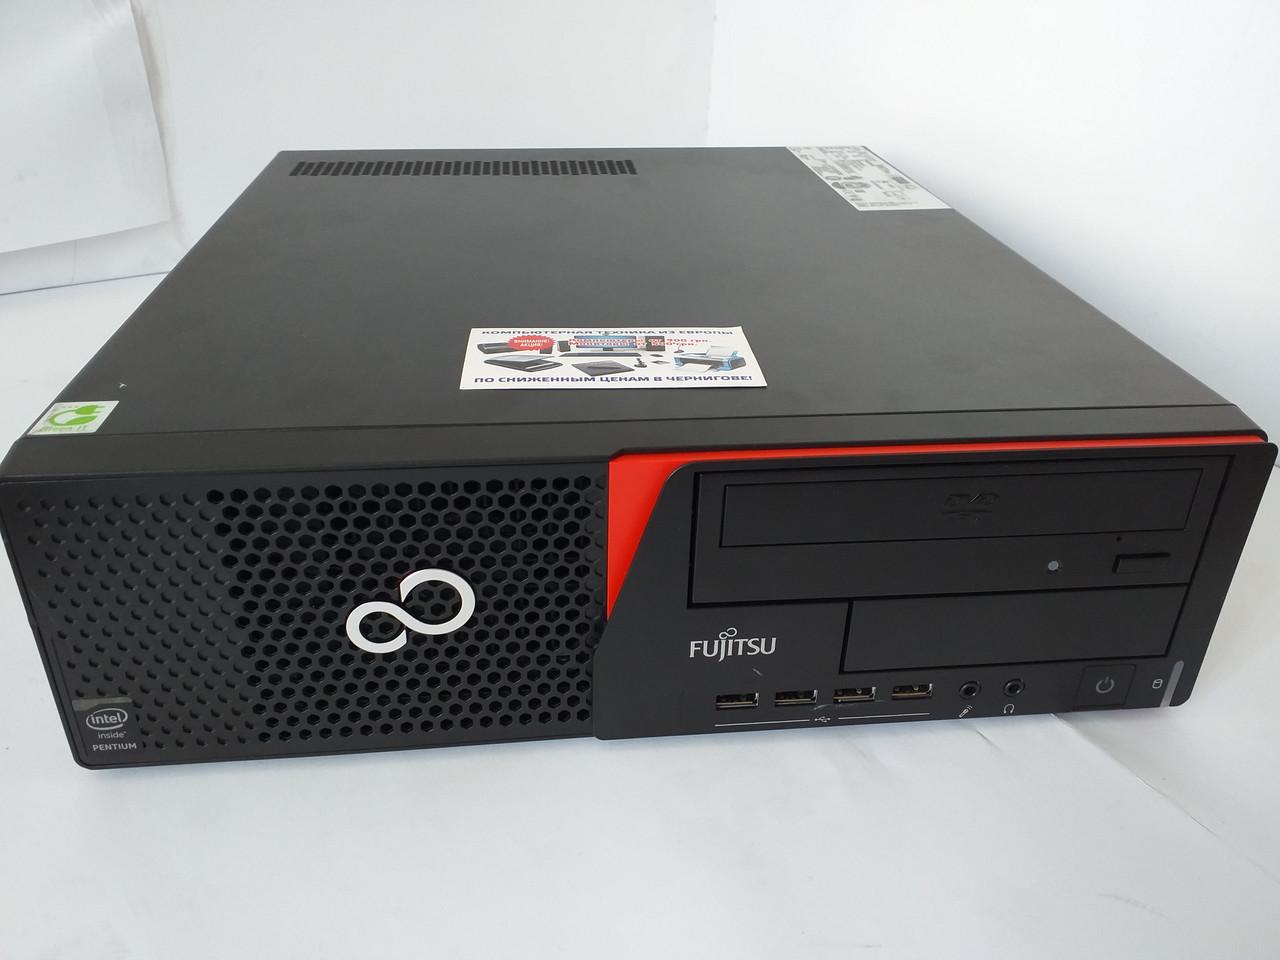 Системный блок Fujitsu 720 sff Intel G3460 3.5ГГц soket 1150 gen 4